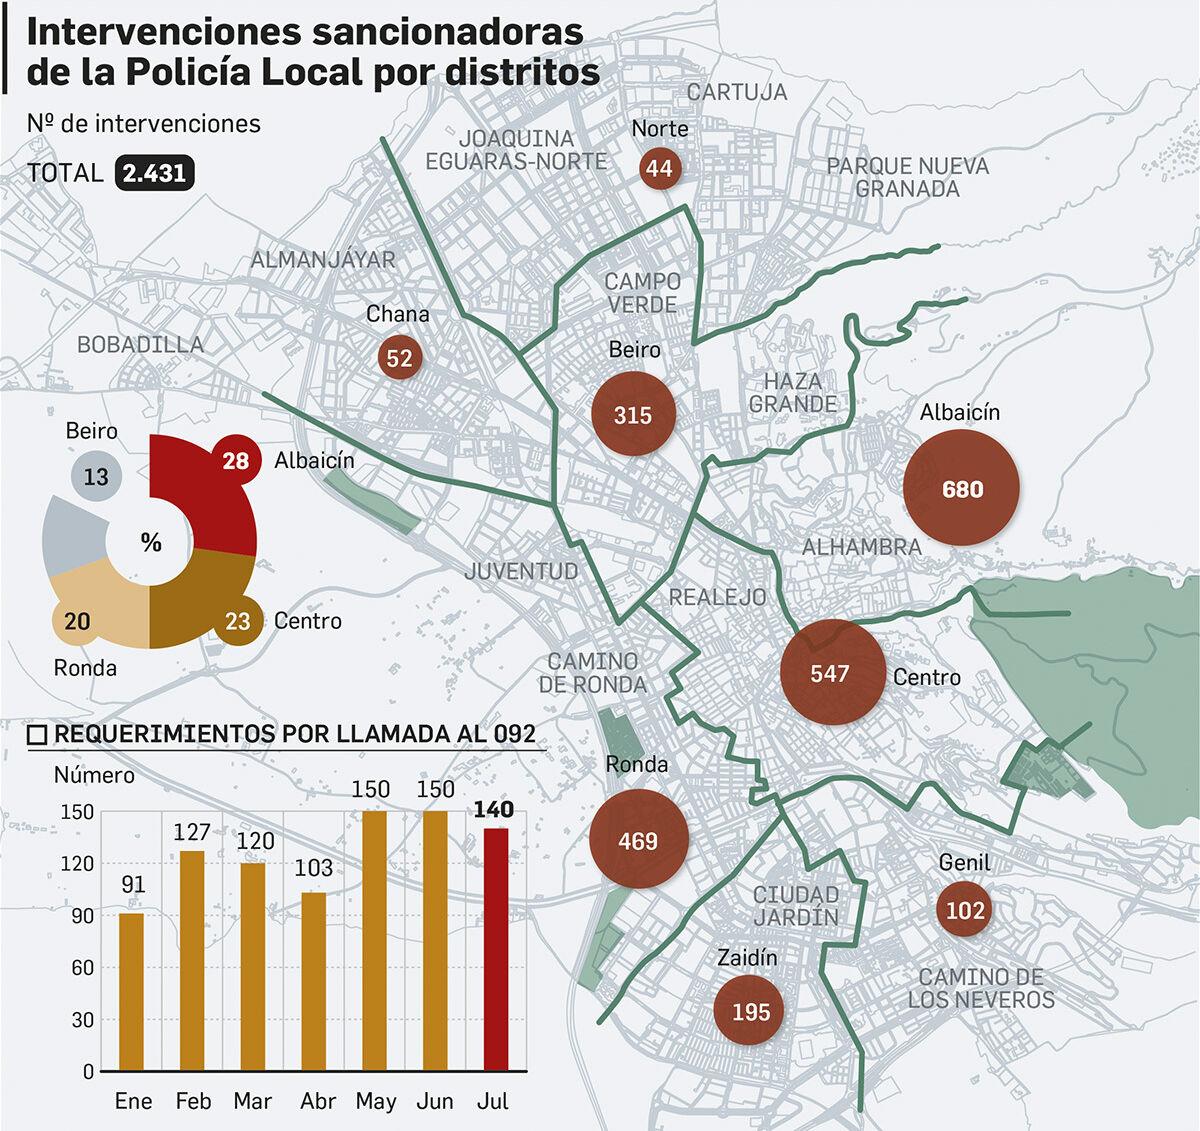 Principales zonas del botellón en Granada